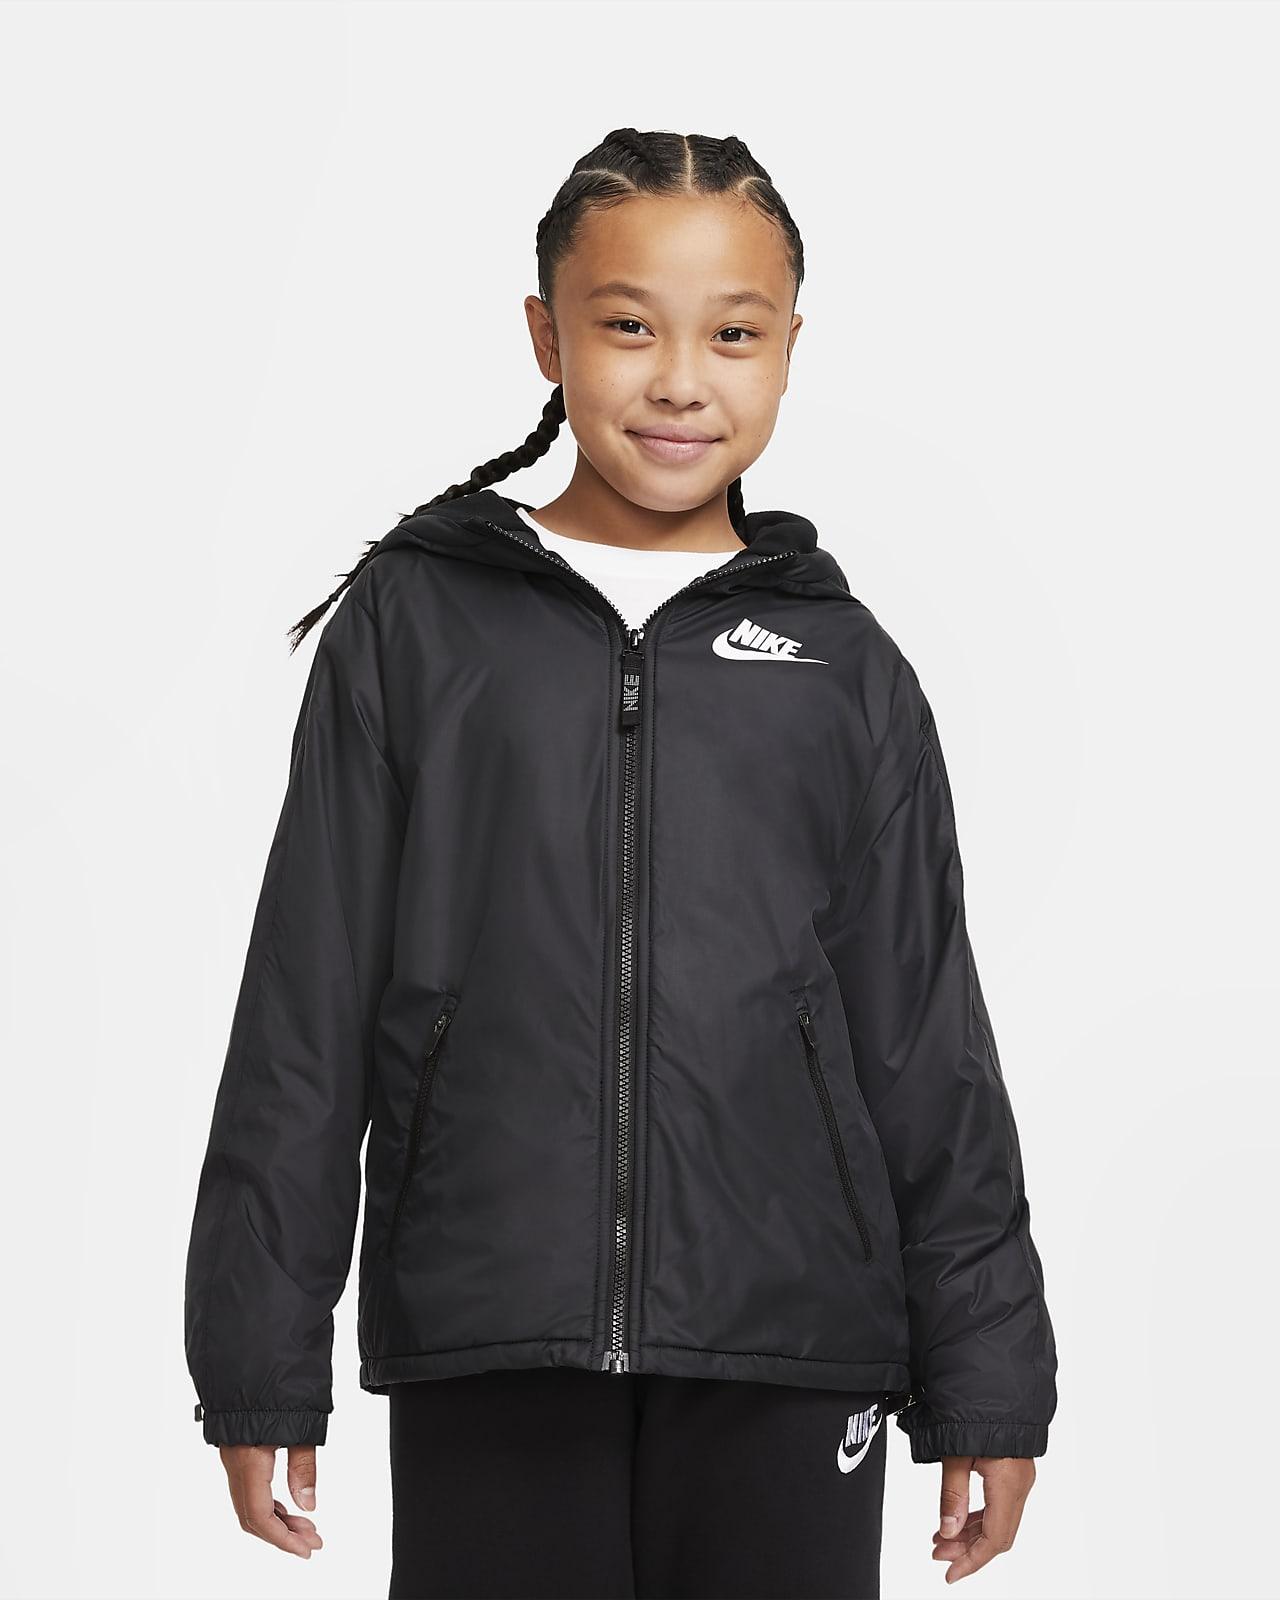 Nike Sportswear Big Kids' Fleece-Lined Jacket